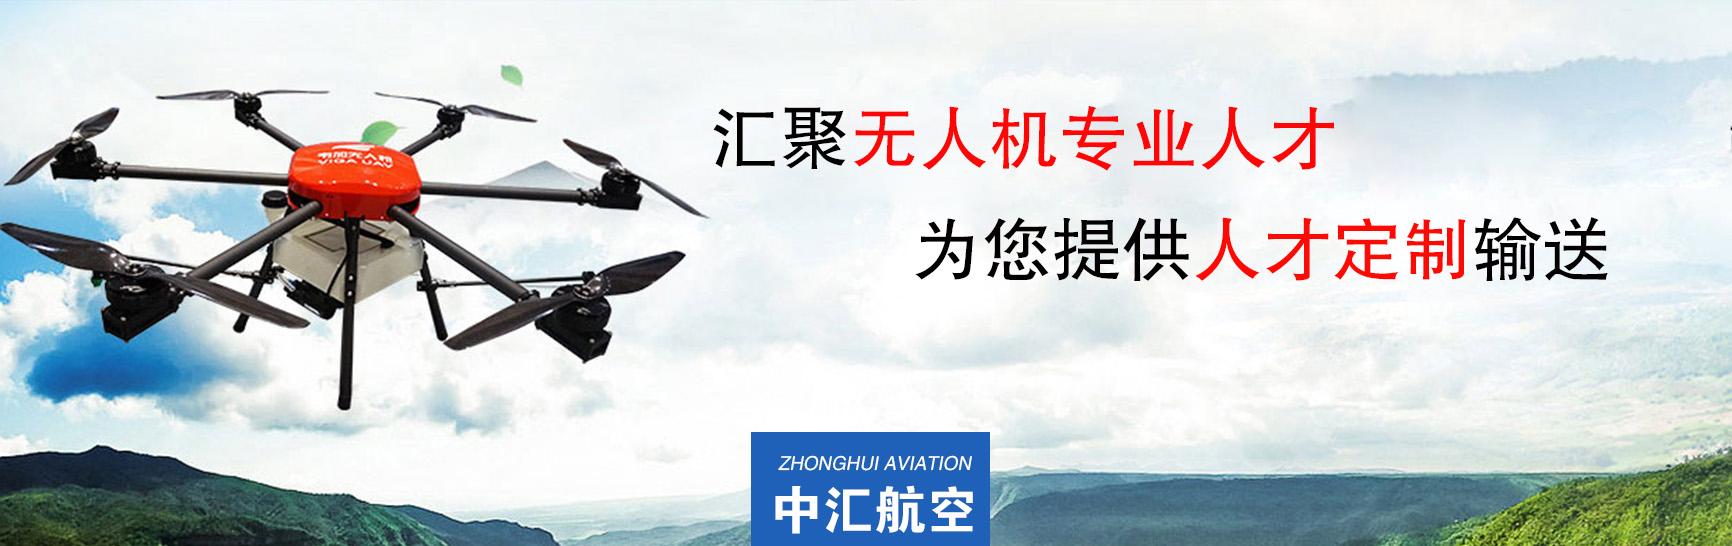 陕西无人机驾照培训